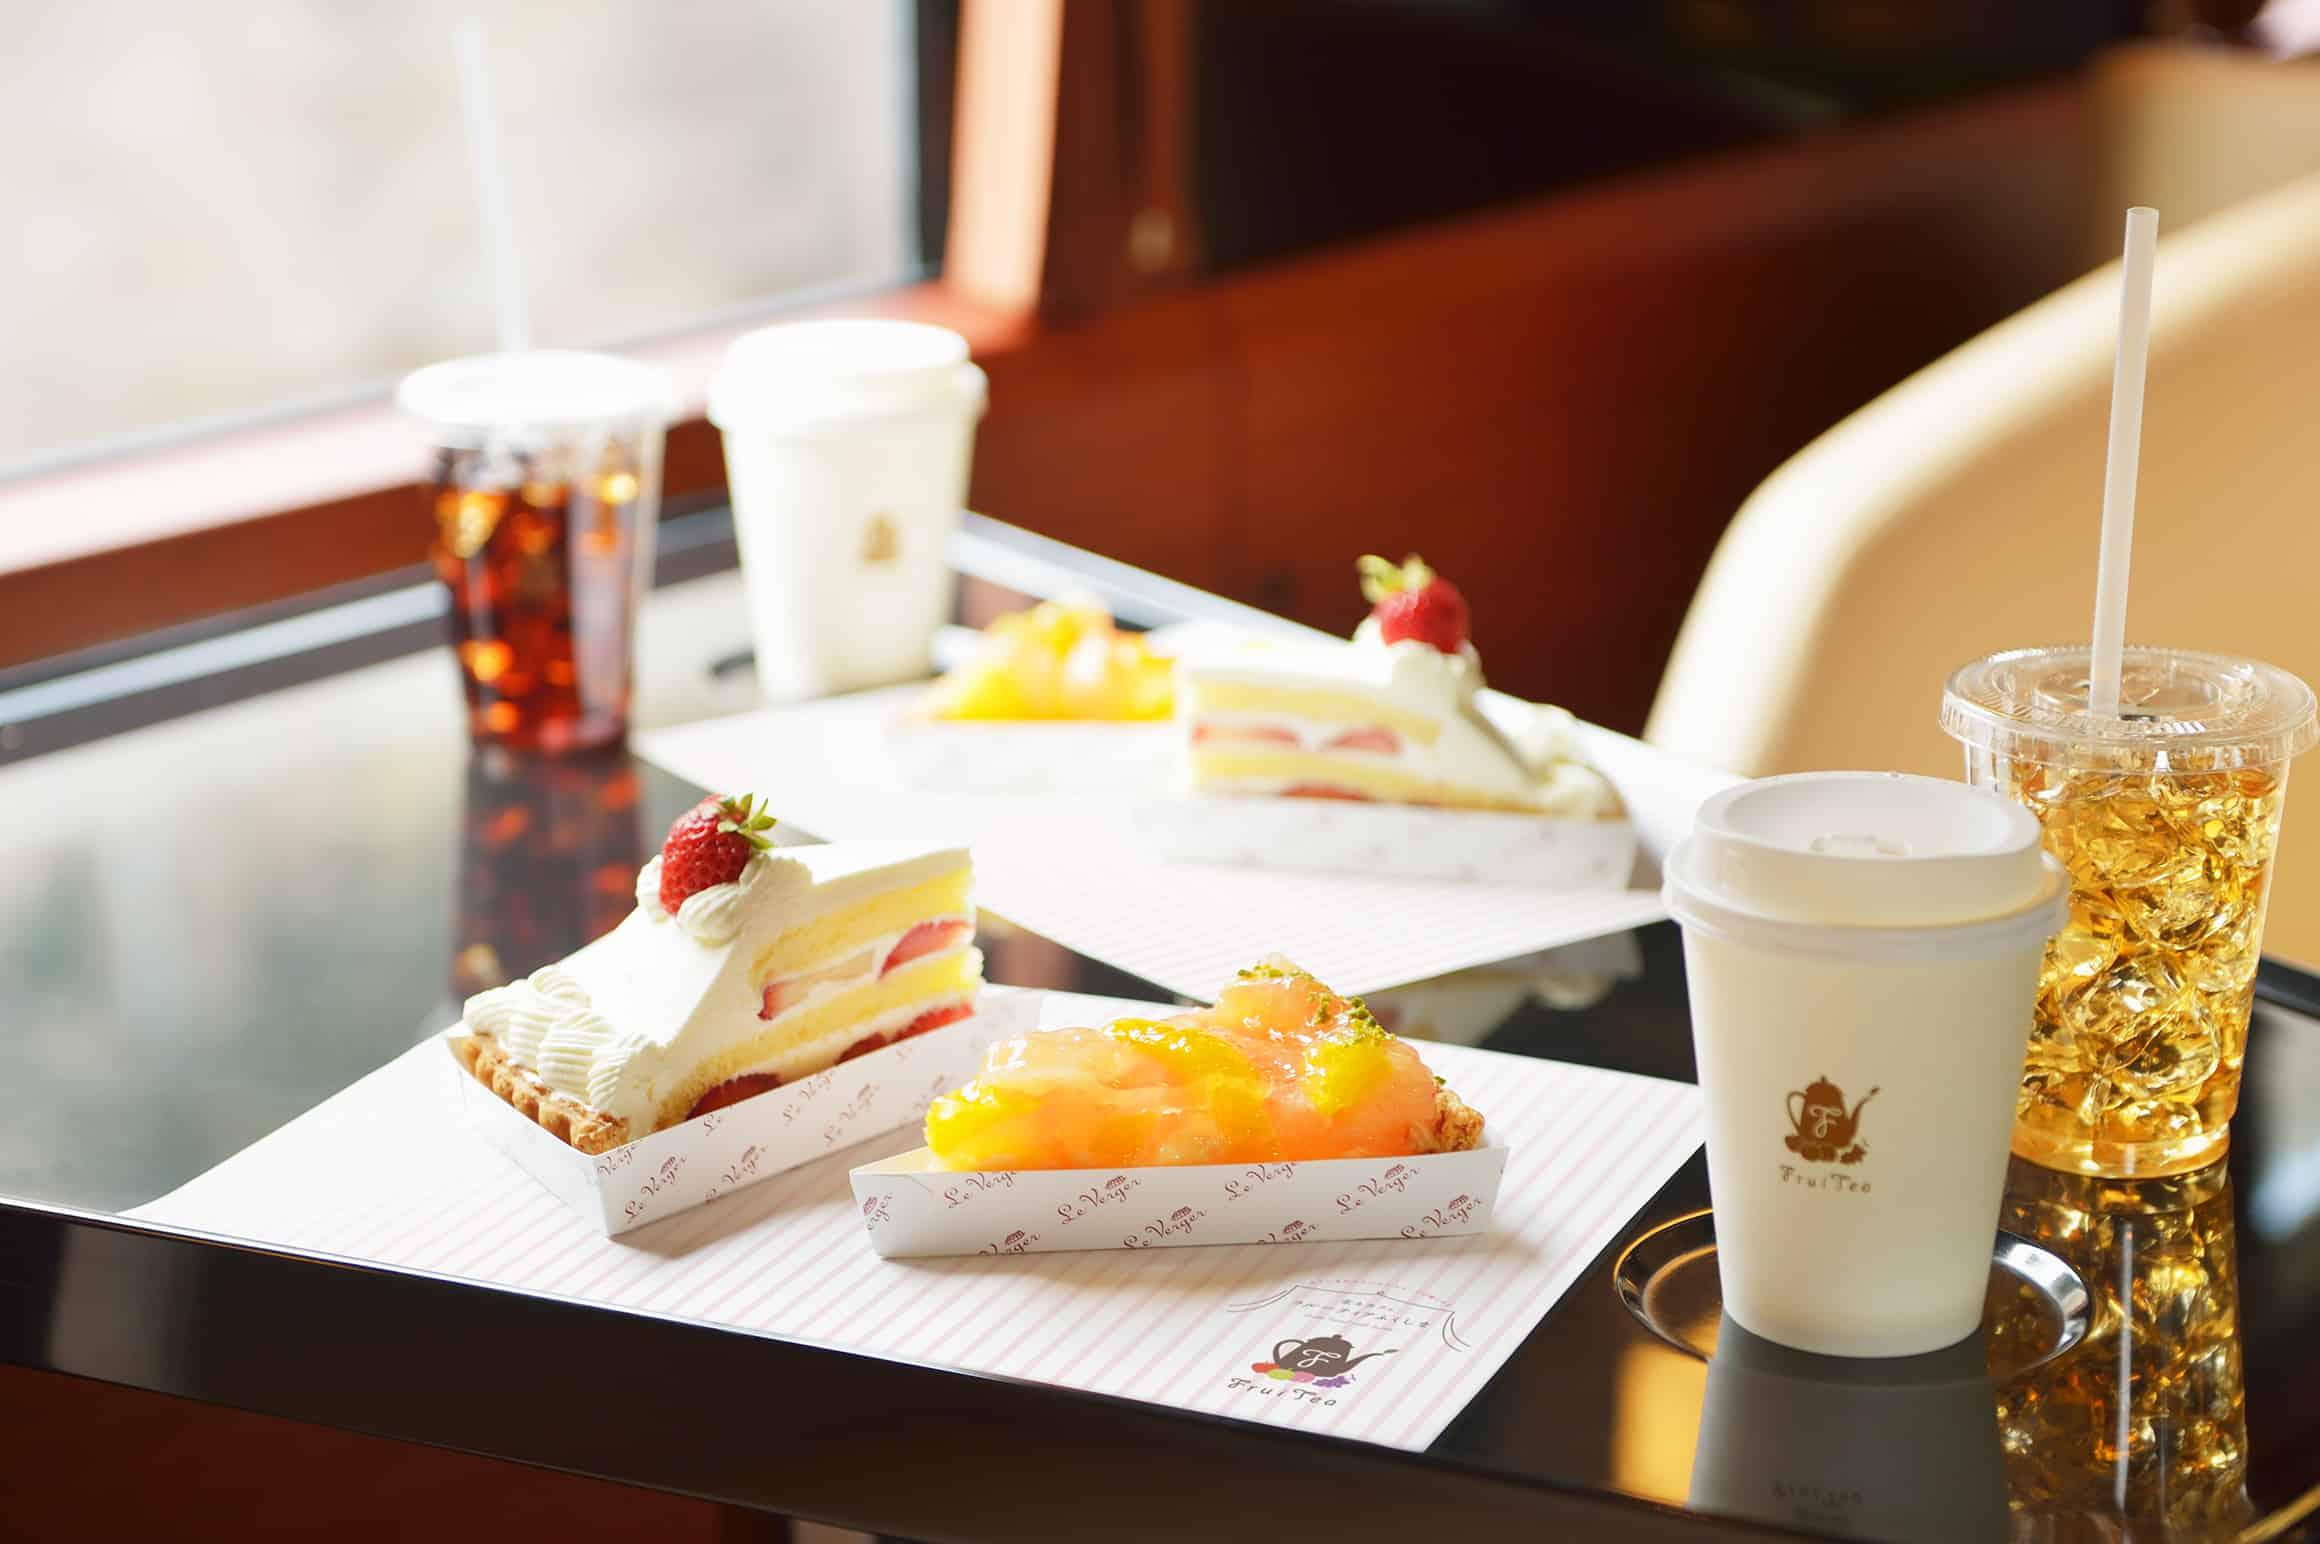 อาหาร ขนมหวาน FruiTea Fukushima Joyful train